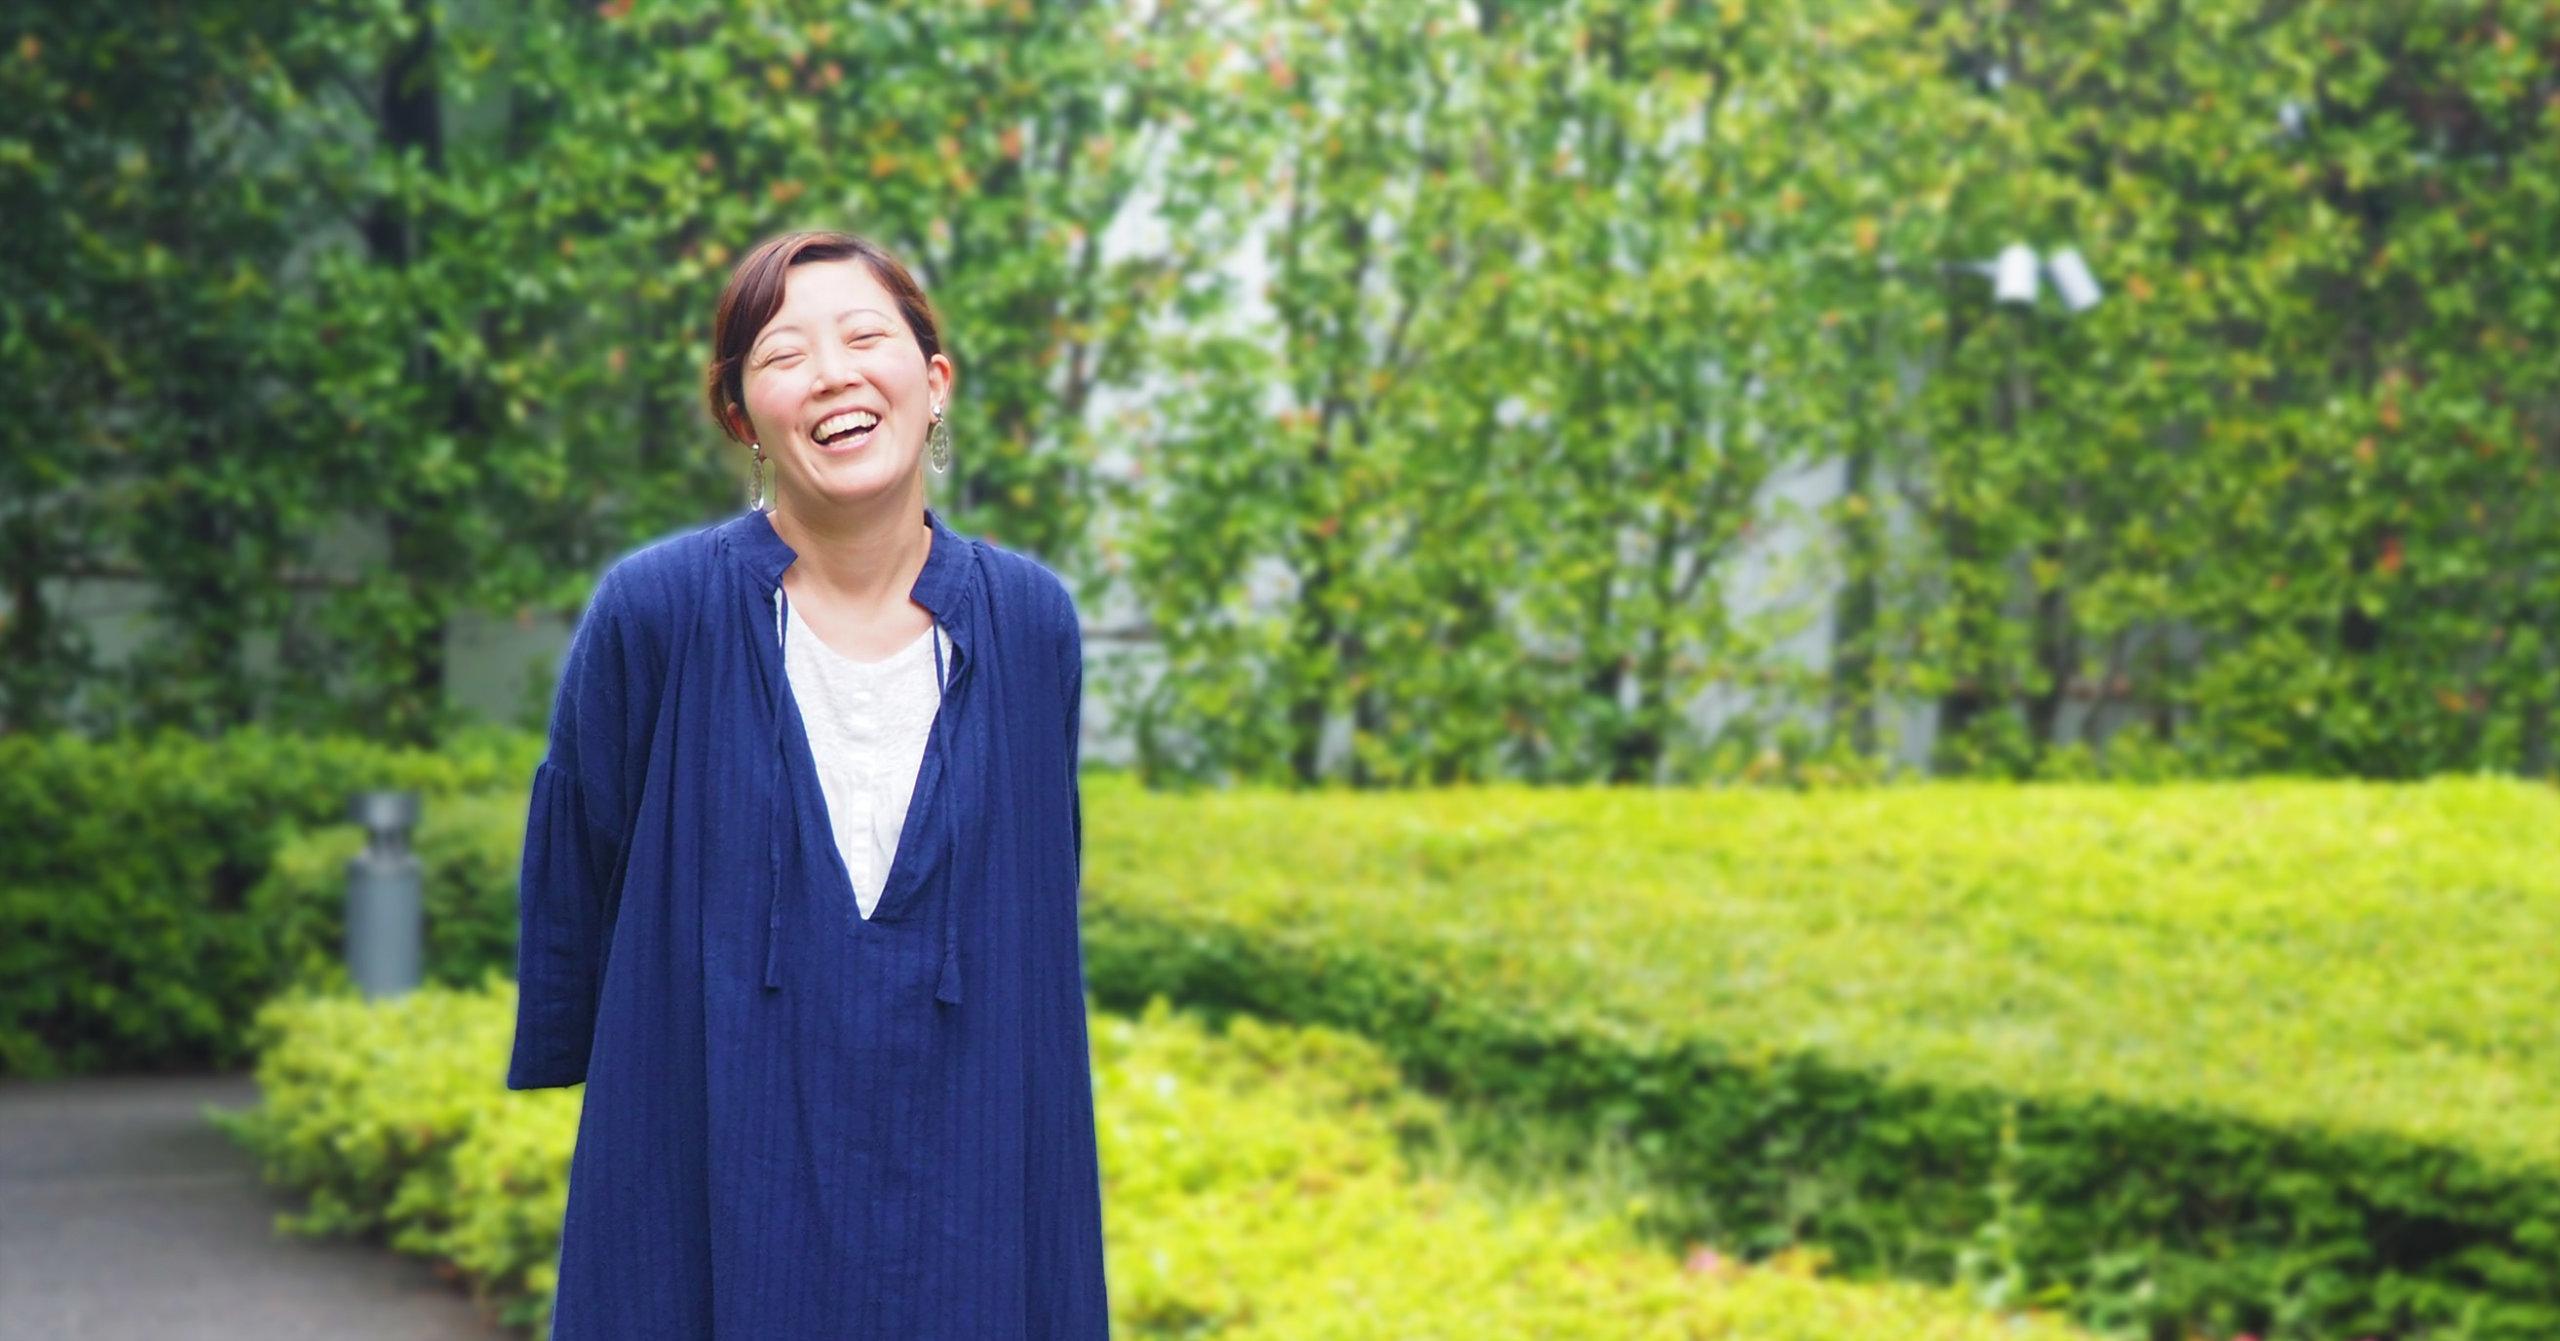 【コドモンの中の人 Vol.23】日本中に届け!コドモンを広げてニコニコ子育てできる世界を作りたい